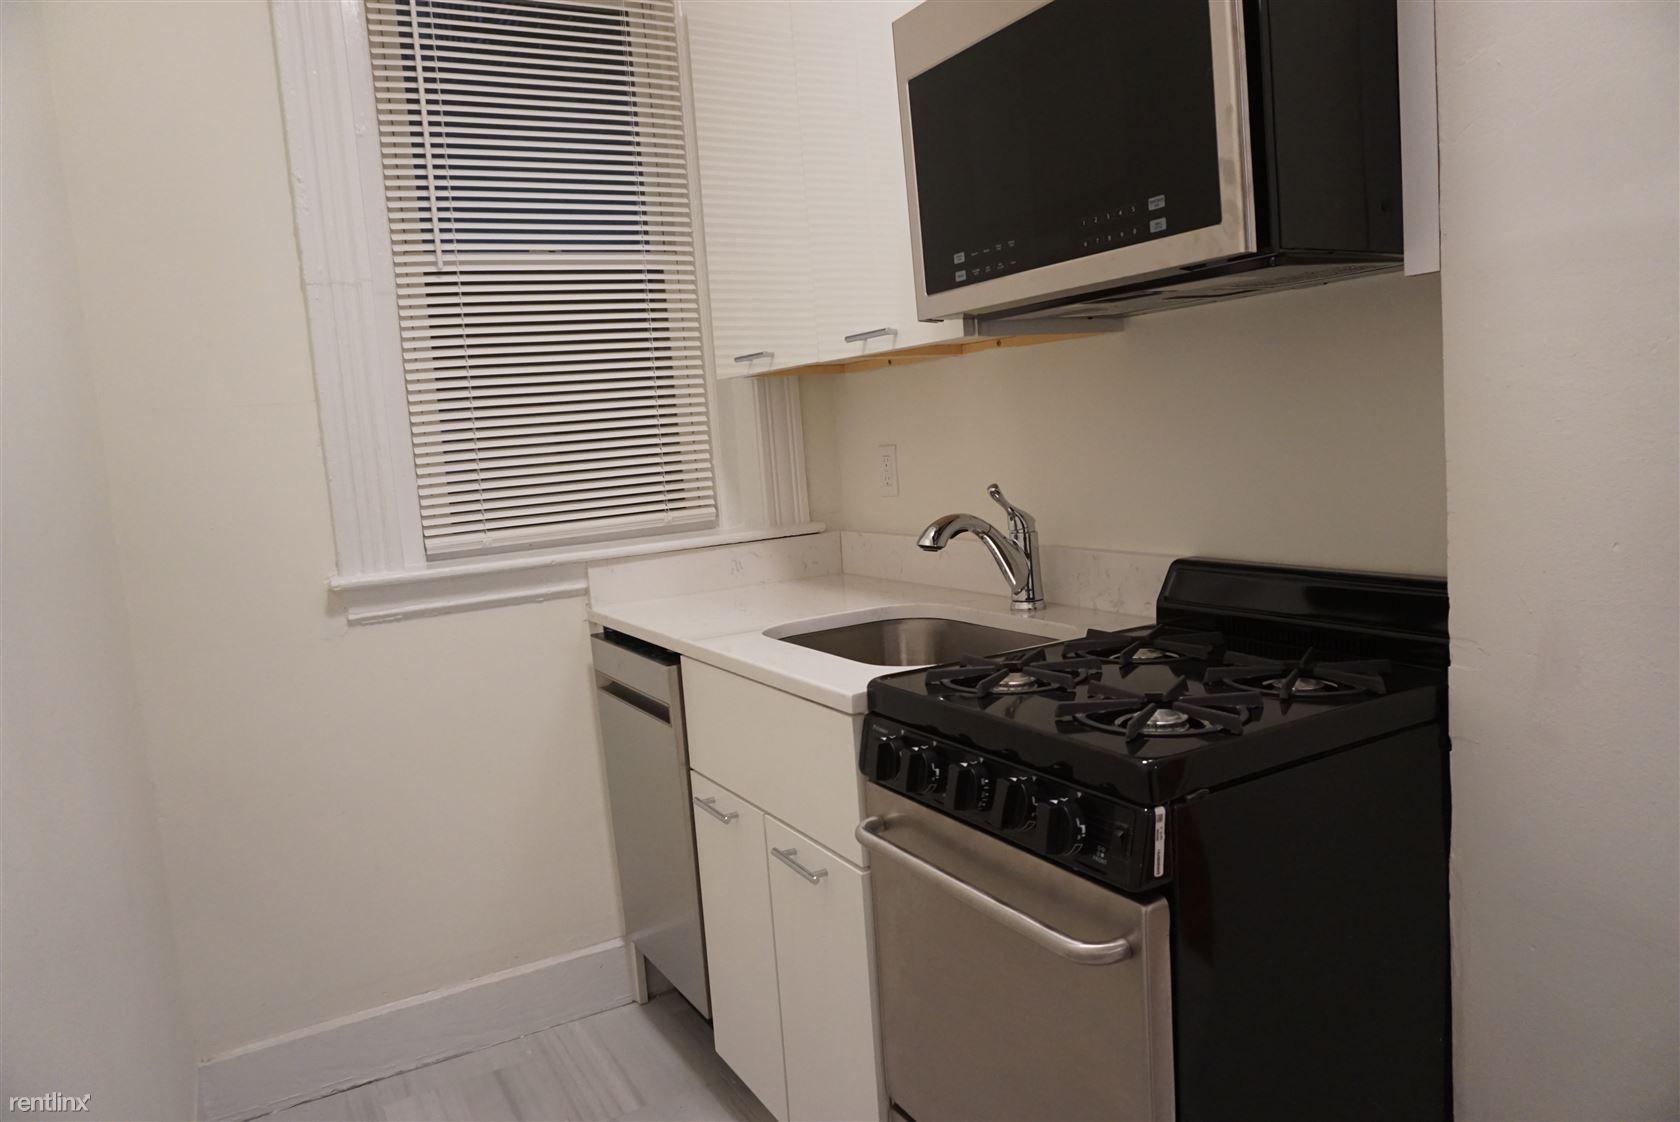 1302 Commonwealth Ave, Allston, MA - $1,650